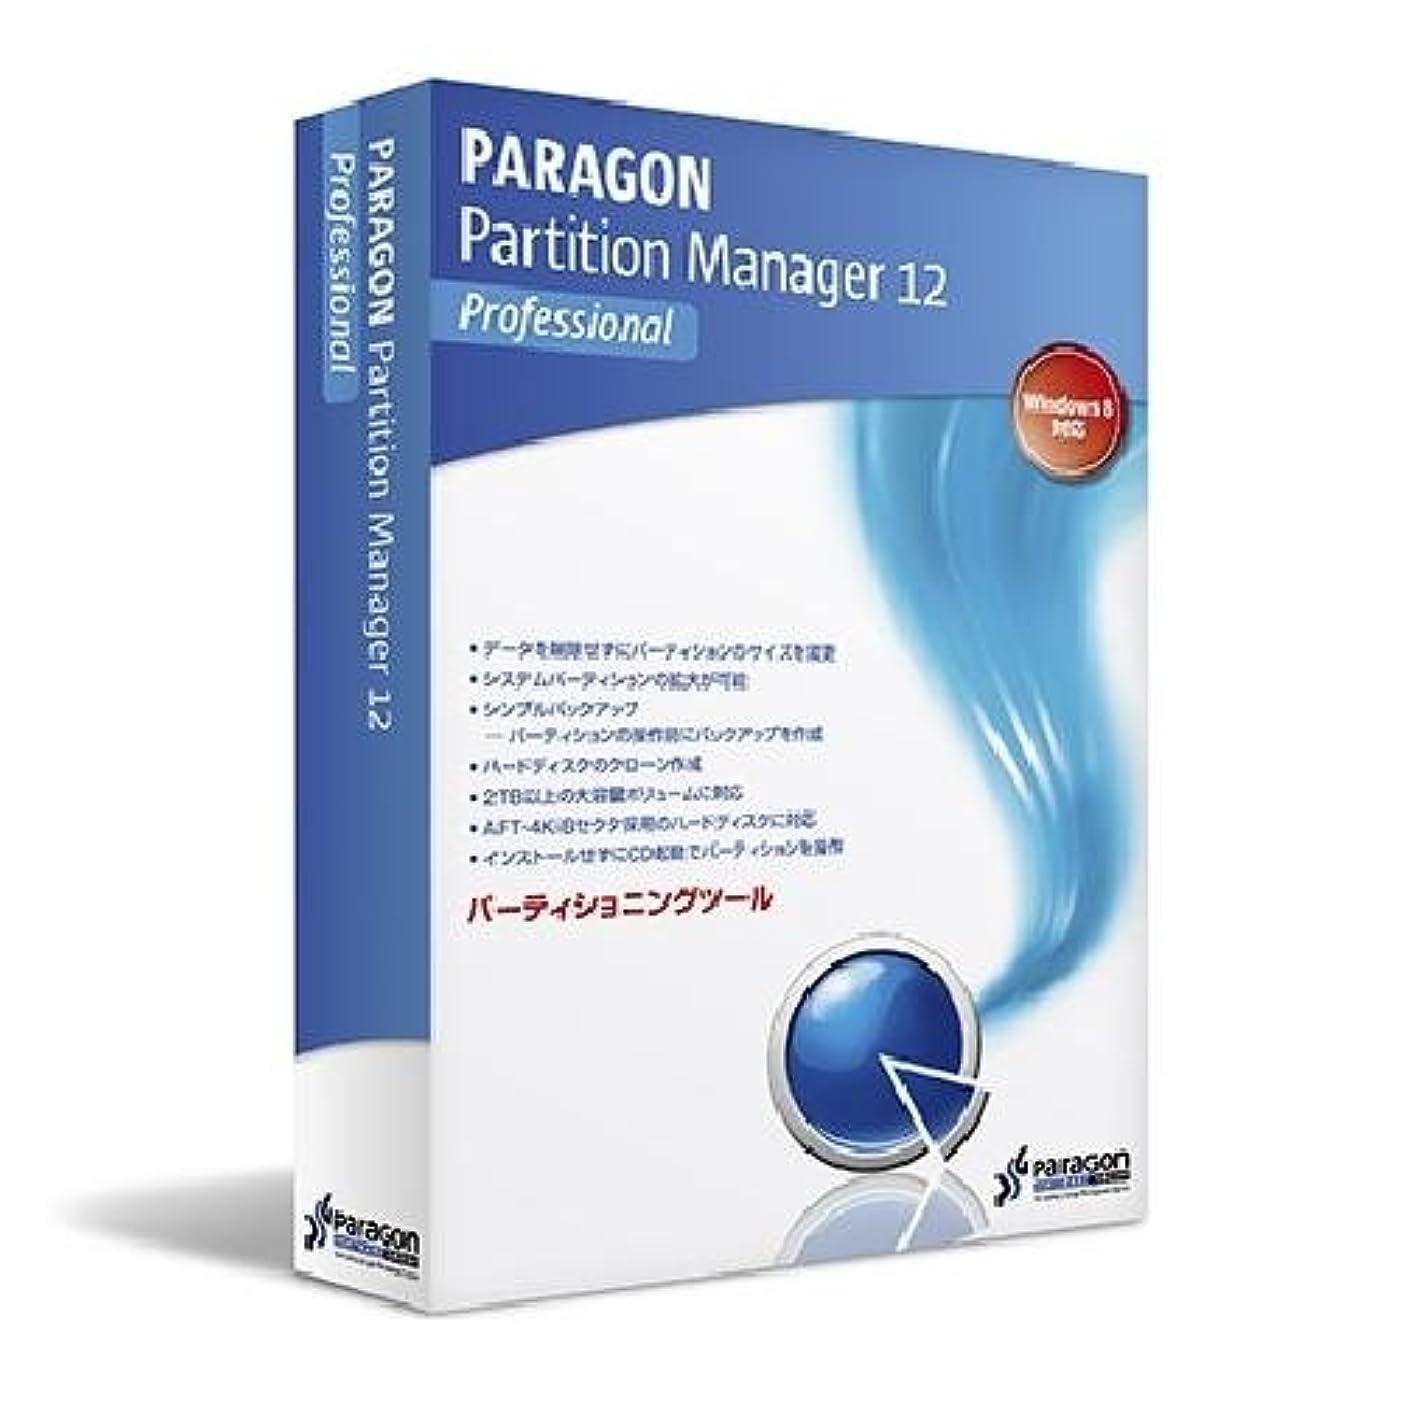 フェザー戸棚長いですParagon Partition Manager 12 Professional シングルライセンス(メディアキット込)